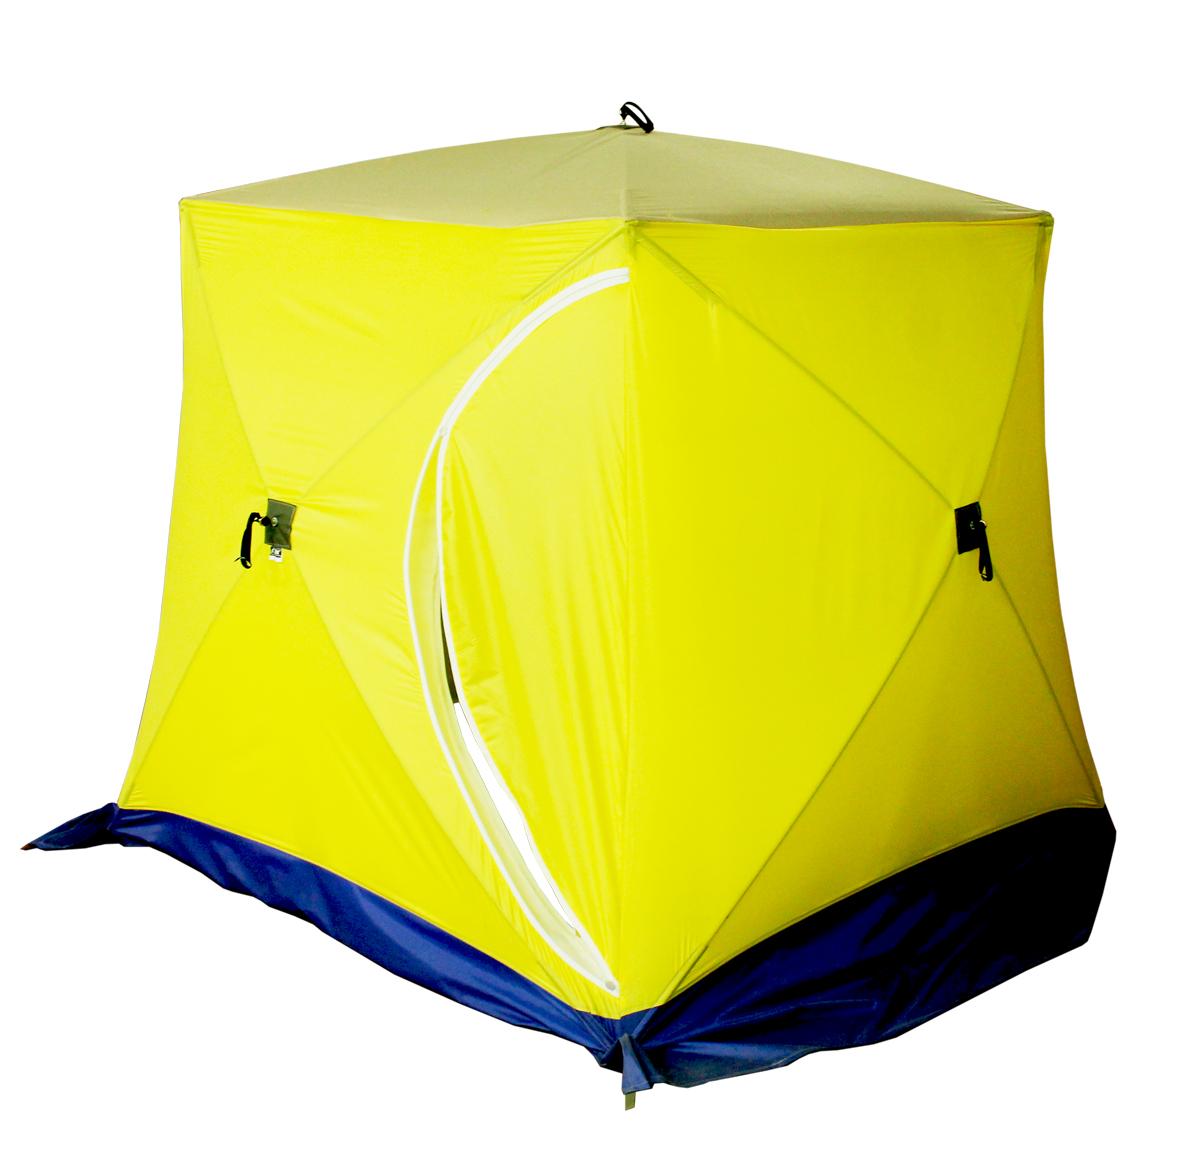 Палатка рыбака КУБ-2 двухслойная (Стэк)Палатки зимние<br>Палатка КУБ 2 местная двухслойная, предназначена <br>для зимнего подледного лова. Каркас изготовлена <br>из cтеклопластика с добавление карбона. <br>Тент изготовлен из синтетической непродуваемой <br>ткани (оксфорд 300PU) Нижний тент (второй слой) <br>из ткани Гретта (состав 80% синт.20% хлопок) <br>Габариты в собранном виде: 0.5х1,4м Вес: кг. <br>Габариты в разобранном виде: сторона 1.85м, <br>высота 1,85м, диаметр (по диагонали, по низу) <br>- 2,6м Инструкция.КУБ 2 и 3.Открытие палатки. <br>Достали из чехла палатку, положили горизонтально. <br>Разверните любую одну из боковых сторон <br>(к ним пришит полог палатки) и потянули петлю <br>до упора. У Вас открылась одна сторона. Следующую <br>открываем крышу палатки (тянем за петлю <br>до упора). Потом открываем противоположную <br>сторону палатки и затем остальные две стороны.Закрытие <br>палатки. Сначала закрываем все четыре стороны <br>палатки (слегка надавливая на петлю вовнутрь <br>палатки), затем последней закрываем крышу.<br>